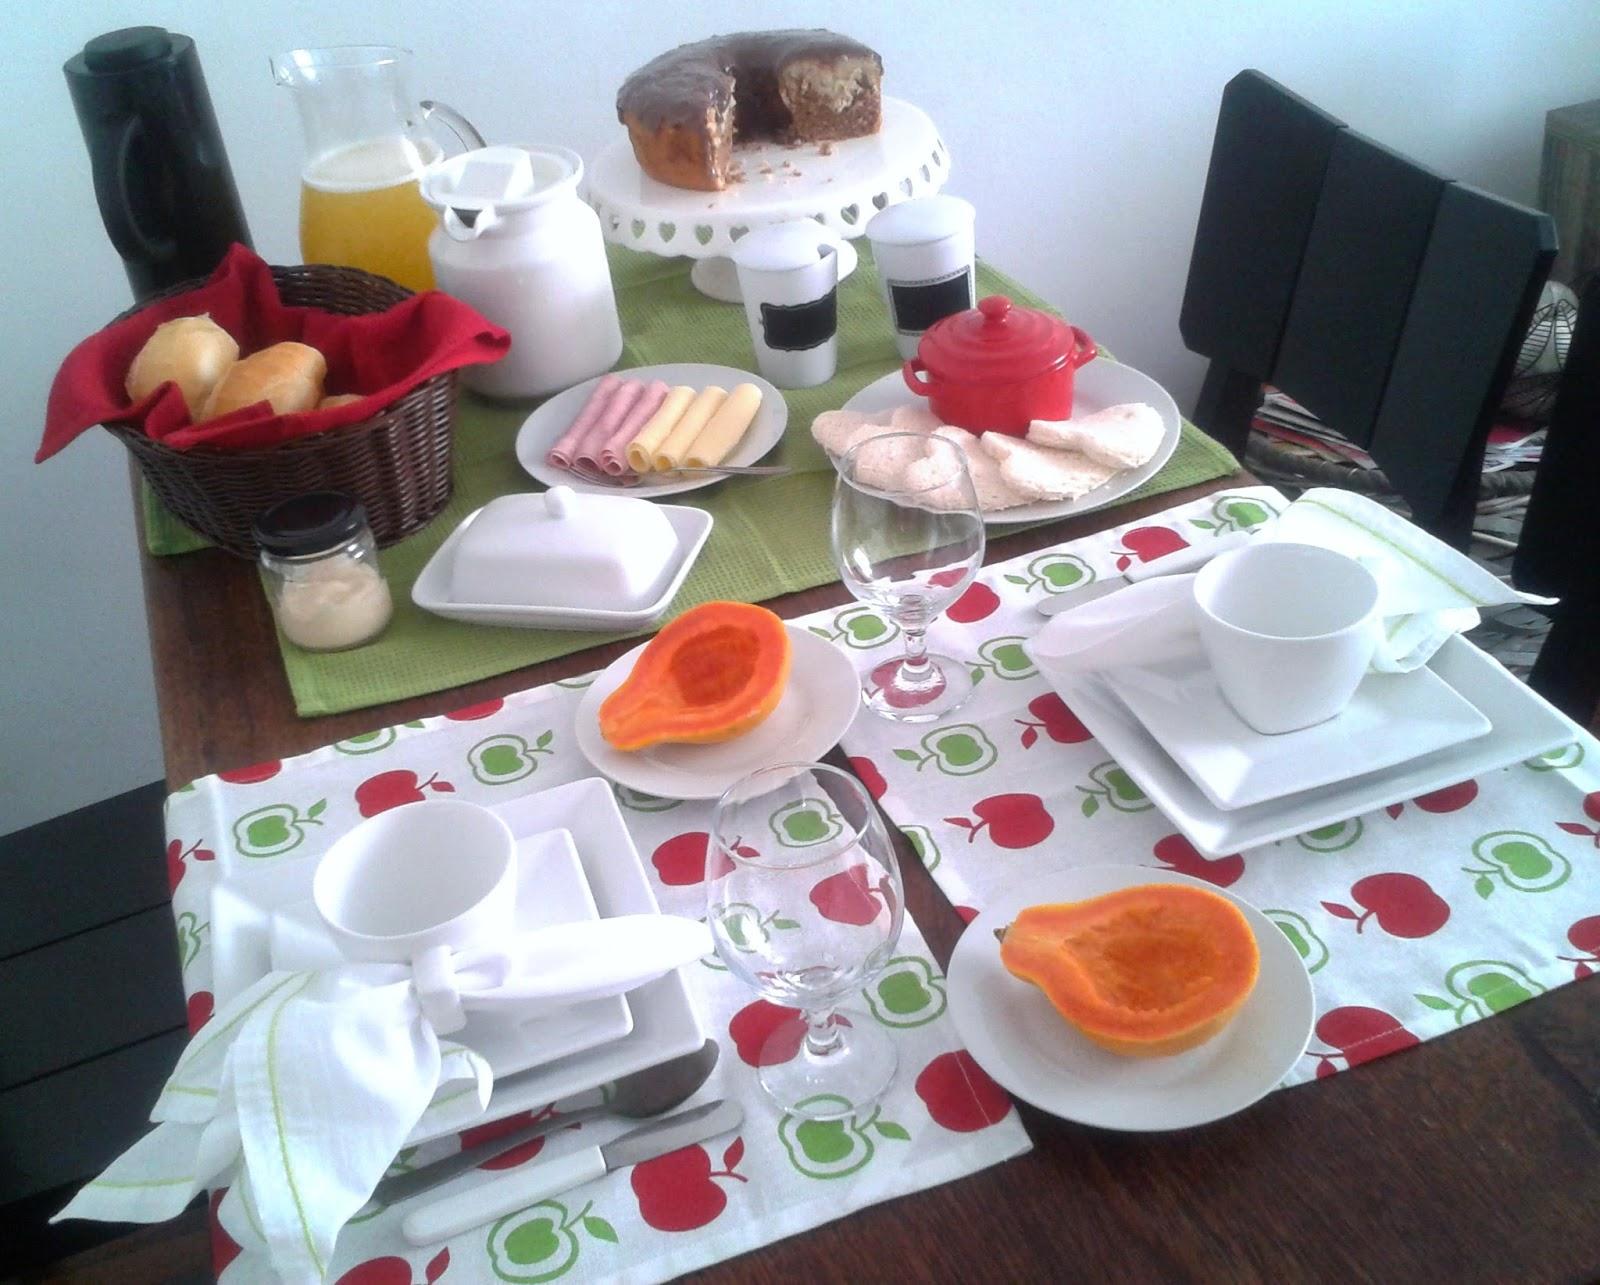 Mesa posta Caf da manh  Cozinhar cuidar e amar